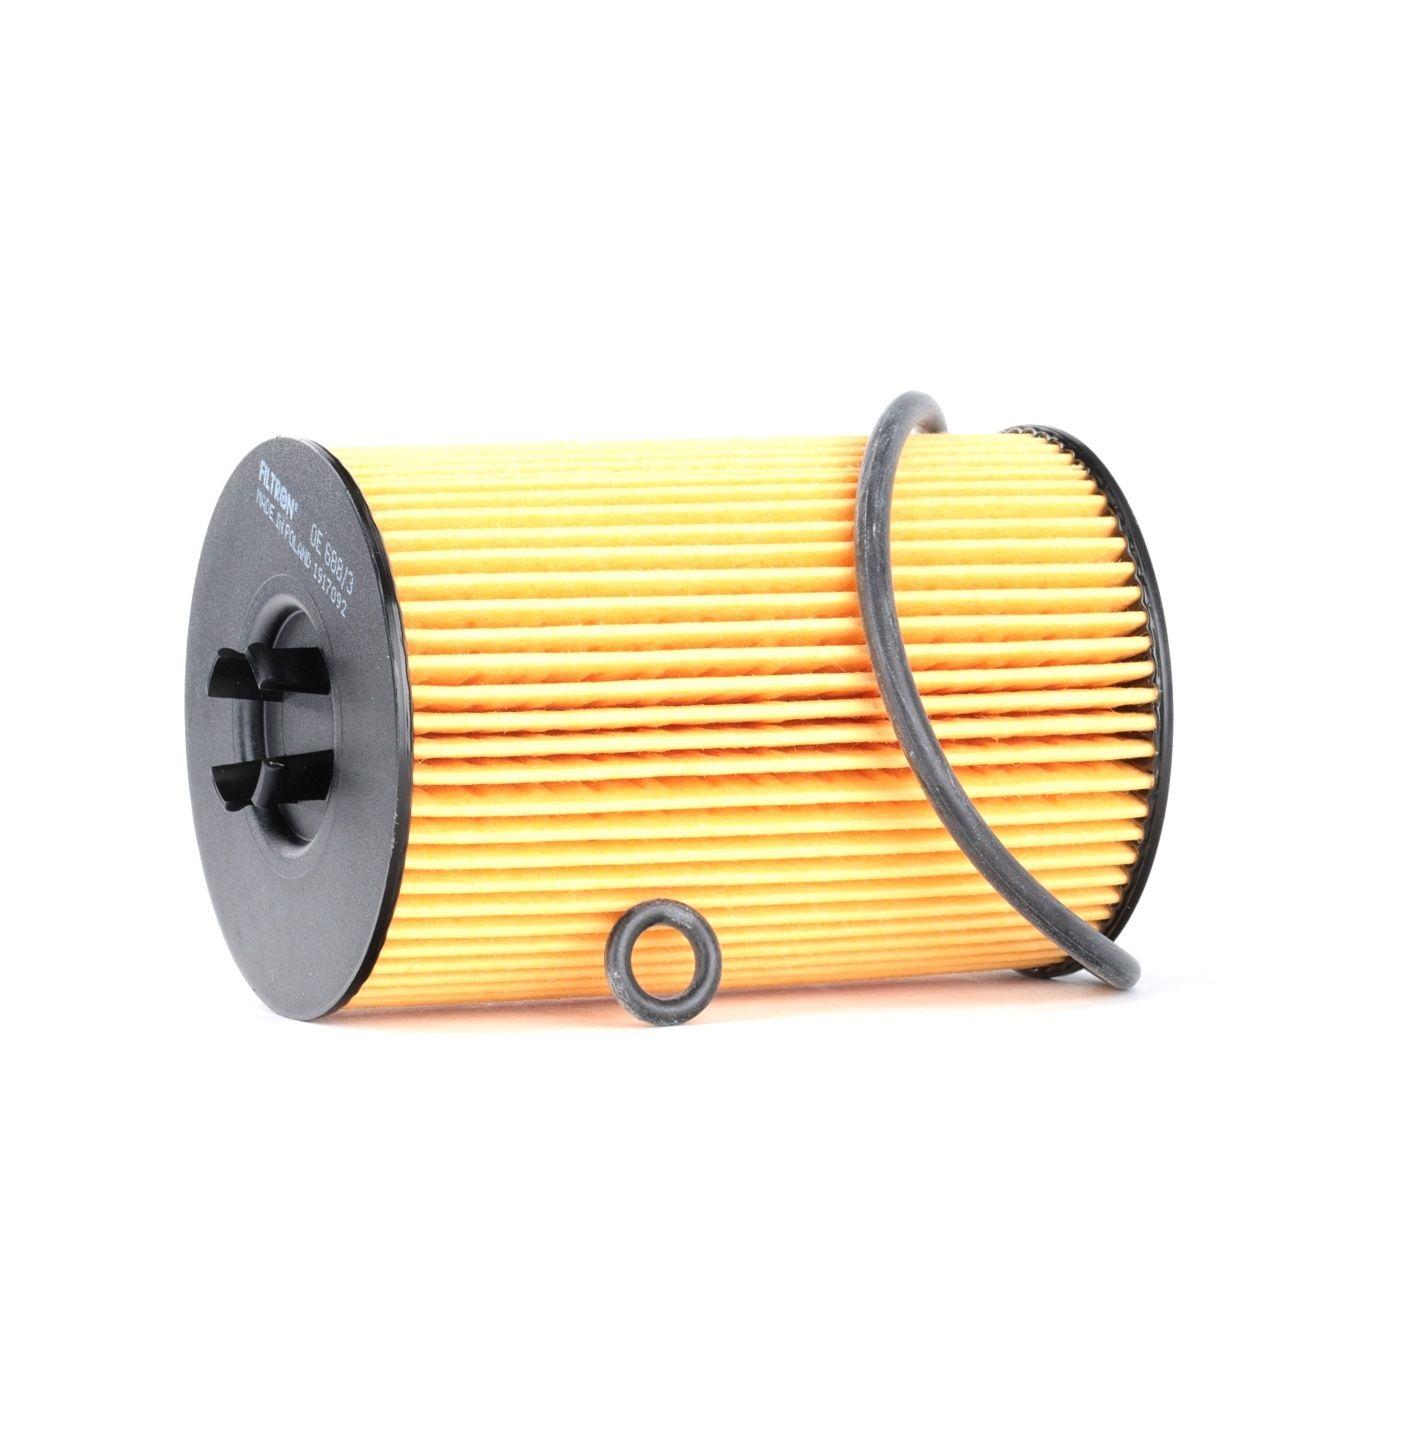 Achetez Filtre à huile FILTRON OE 688/3 (Diamètre intérieur 2: 21mm, Diamètre intérieur 2: 31,5mm, Hauteur: 103,5mm) à un rapport qualité-prix exceptionnel